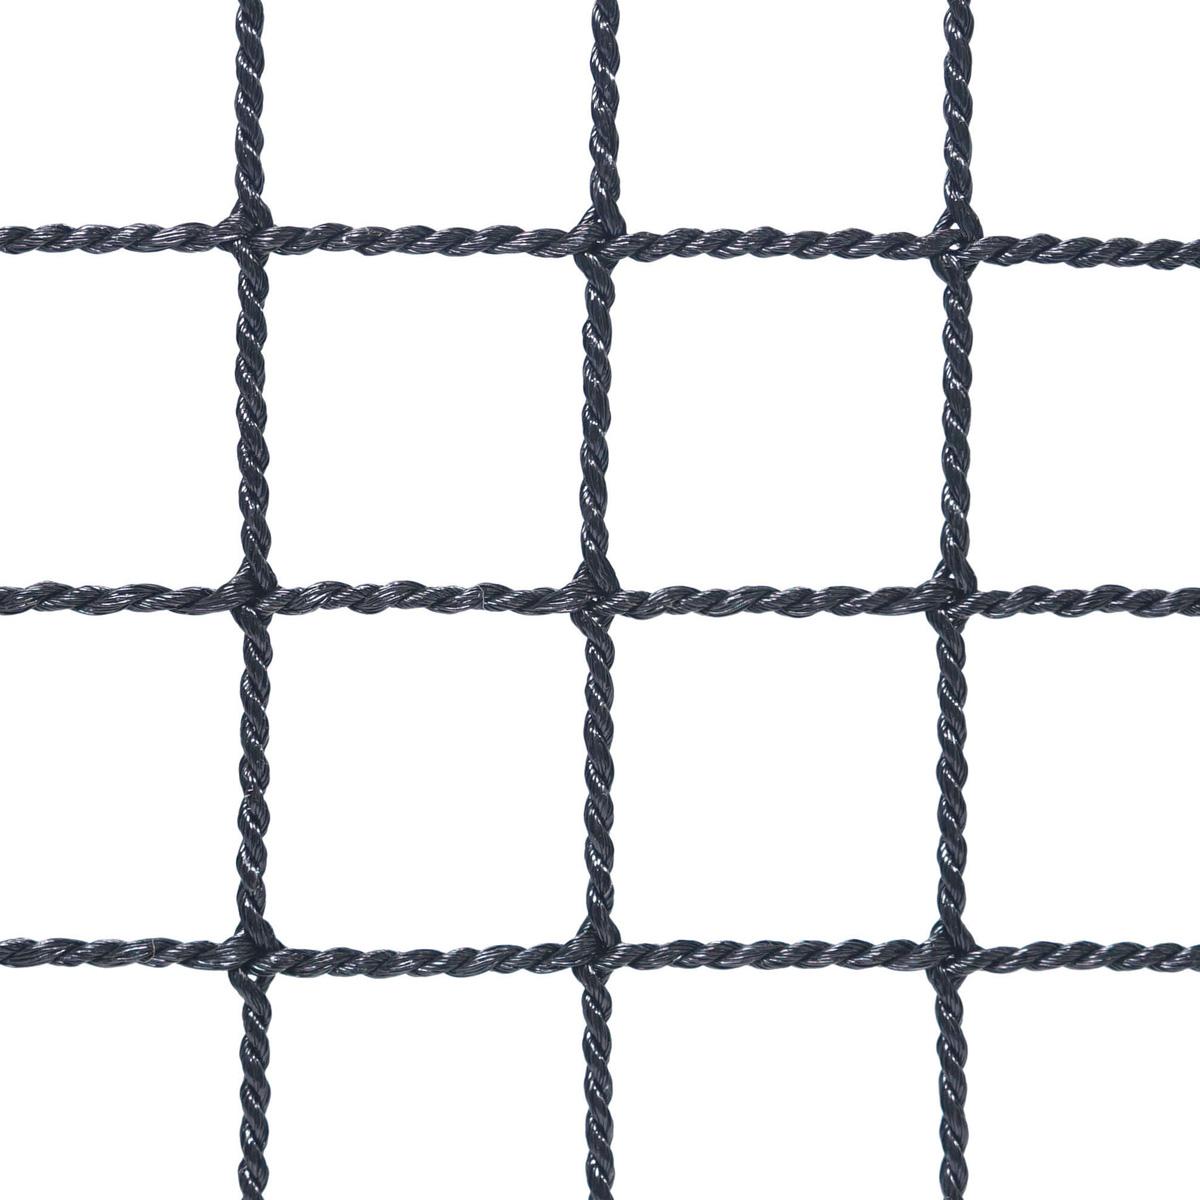 〈ヨリ線ネット25〉目合い:25mm カラー:ブラック